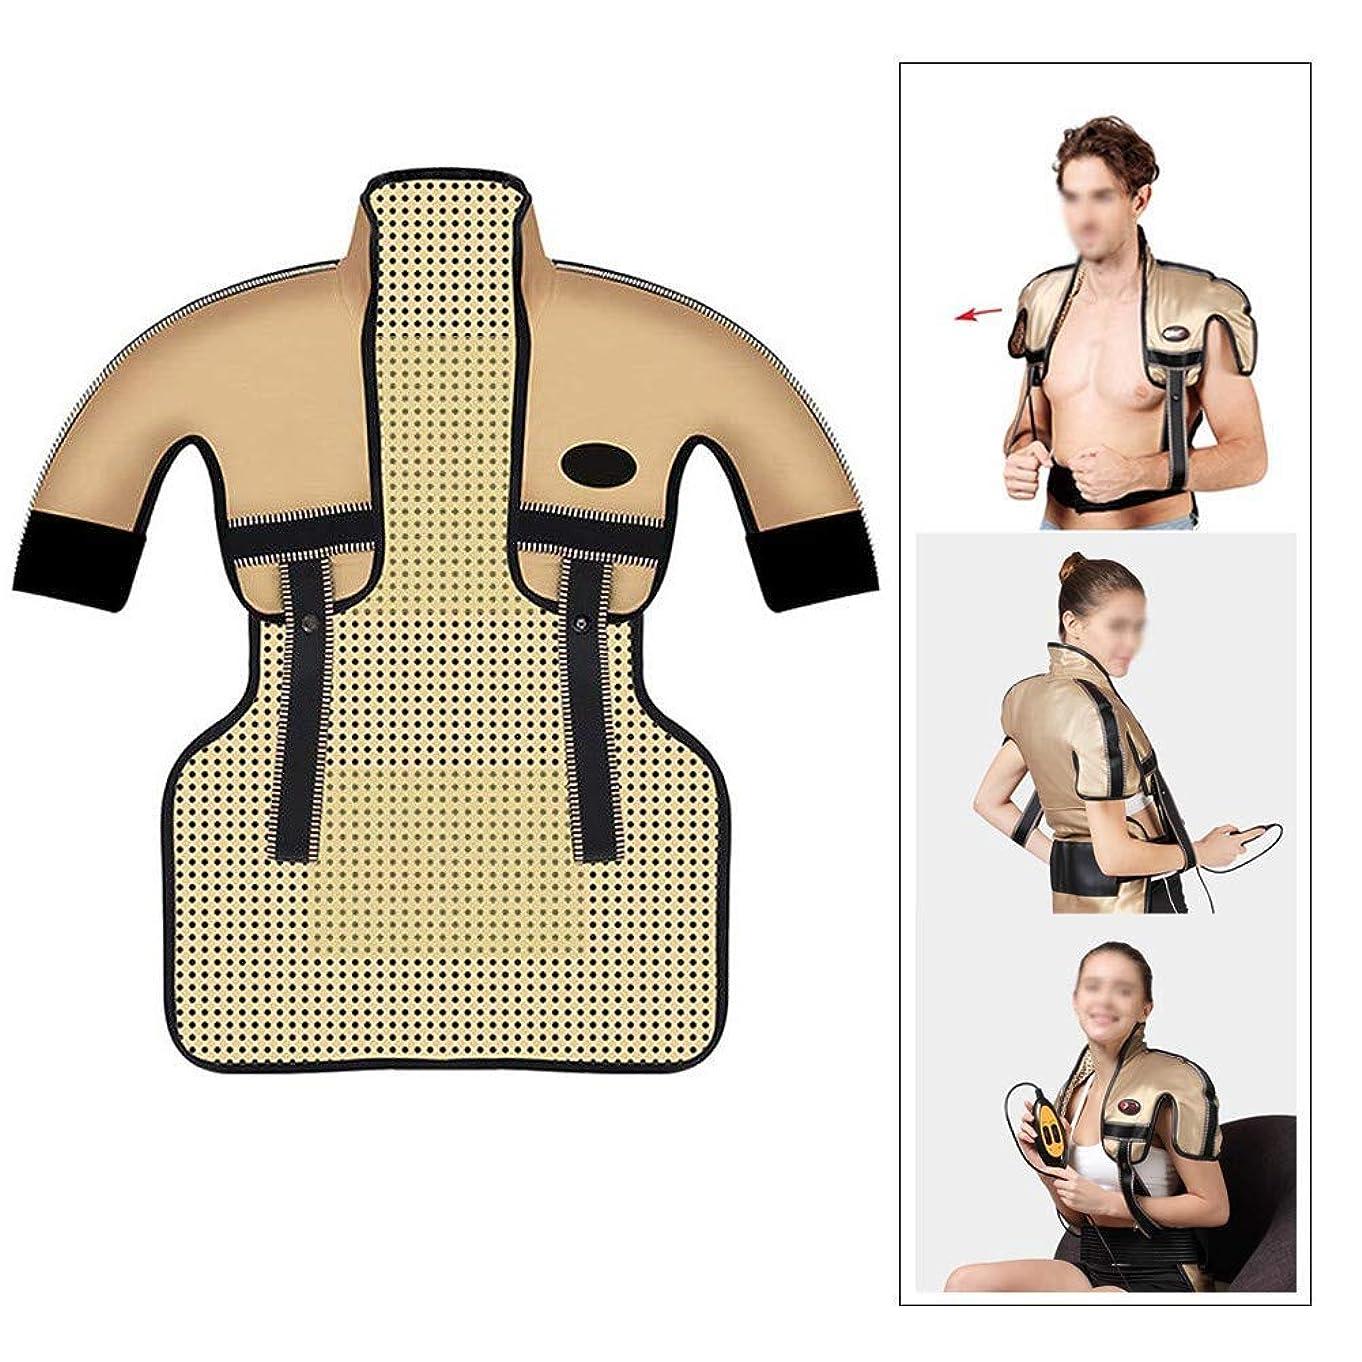 大いにアッティカス無し肩と首の電気加熱パッド - 混練加熱、痛みを和らげるヒートパッド、医療用品マッサージベスト(肩幅用:35-50CM)